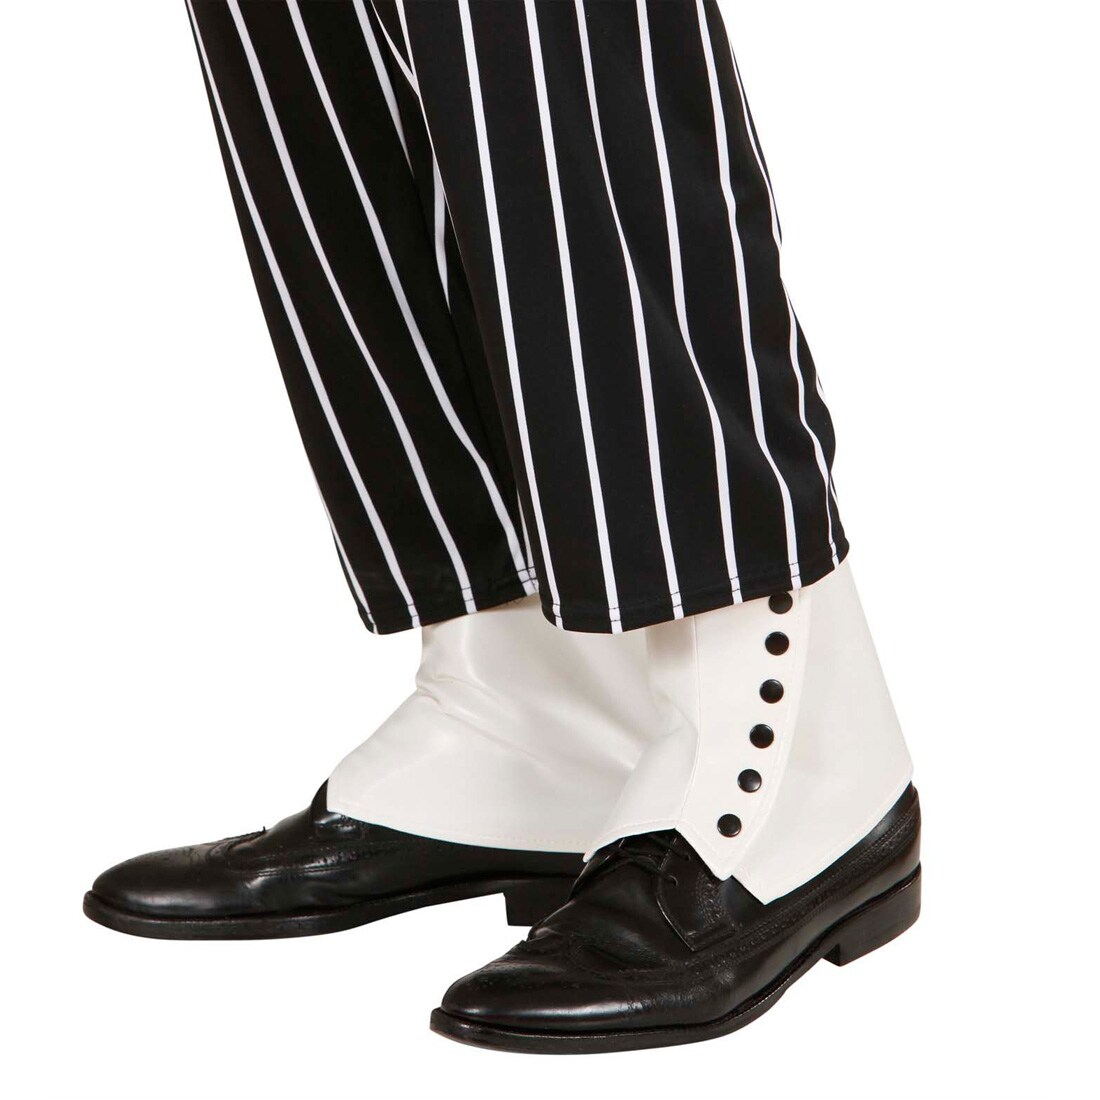 20er Jahre Gamaschen Schuh Stulpen Fußstulpen weiß